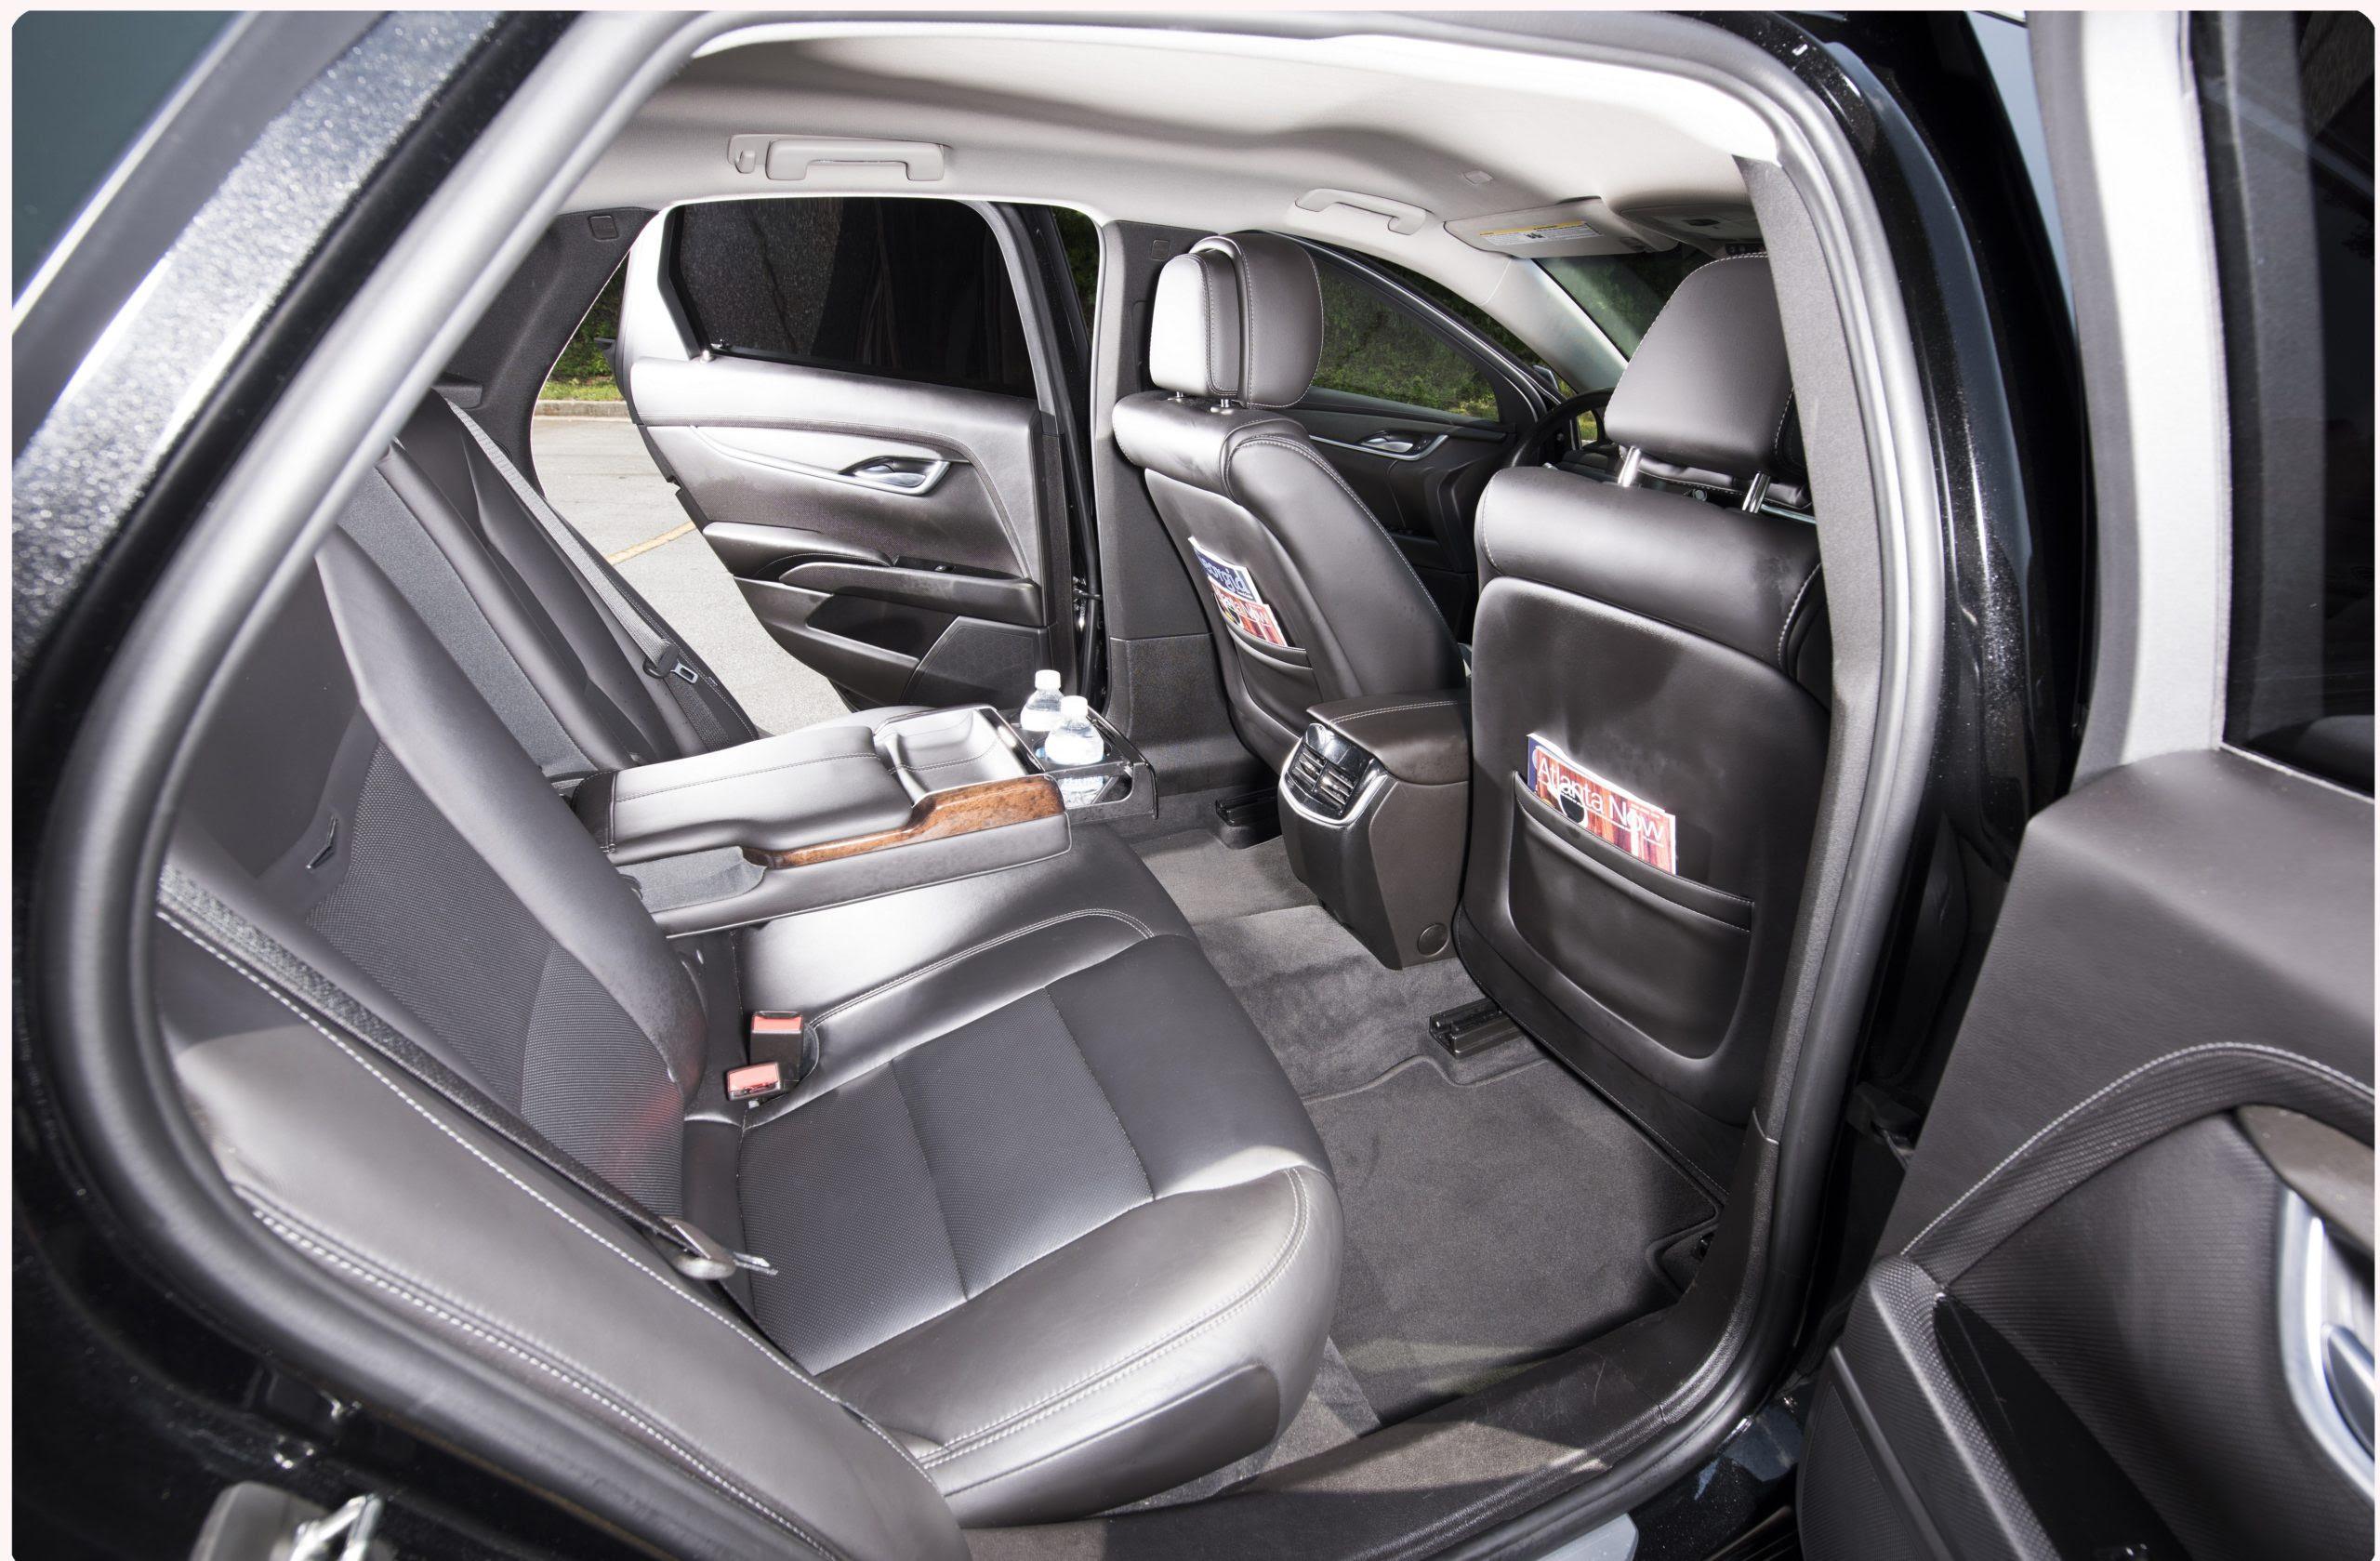 XTS Cadillac Sedan Rental in Atlanta - Atlantic Limousine